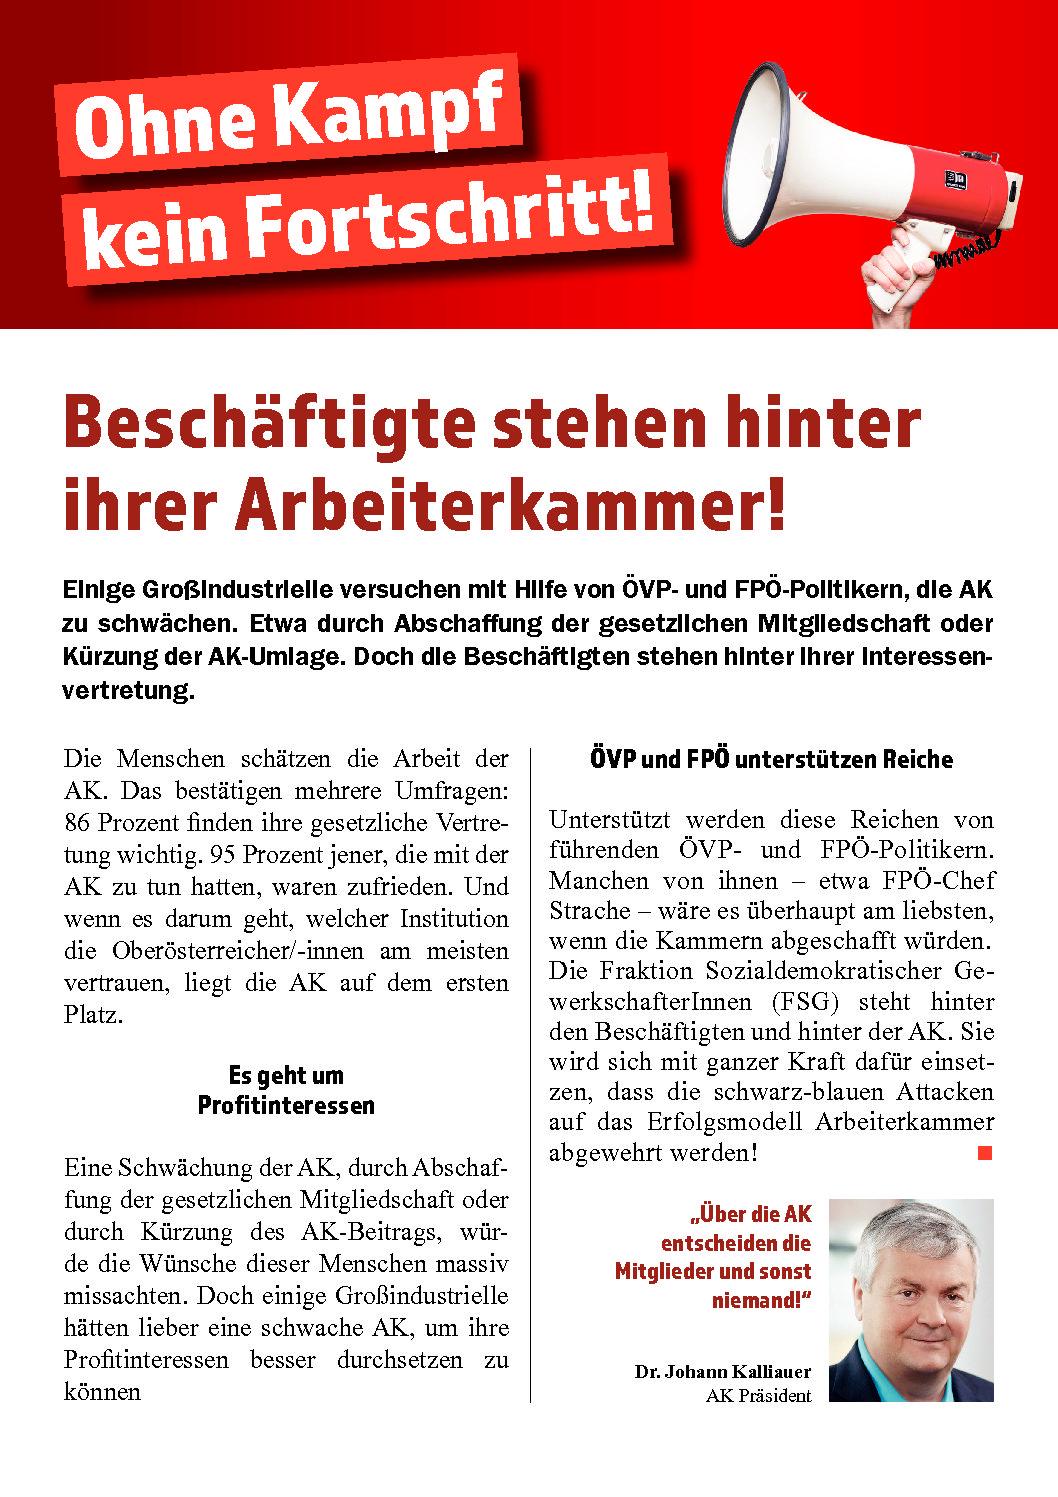 Schwarz-blaue Attacken auf die Arbeiterkammer: Beschäftigte stehen hinter ihrer Interessenvertretung!